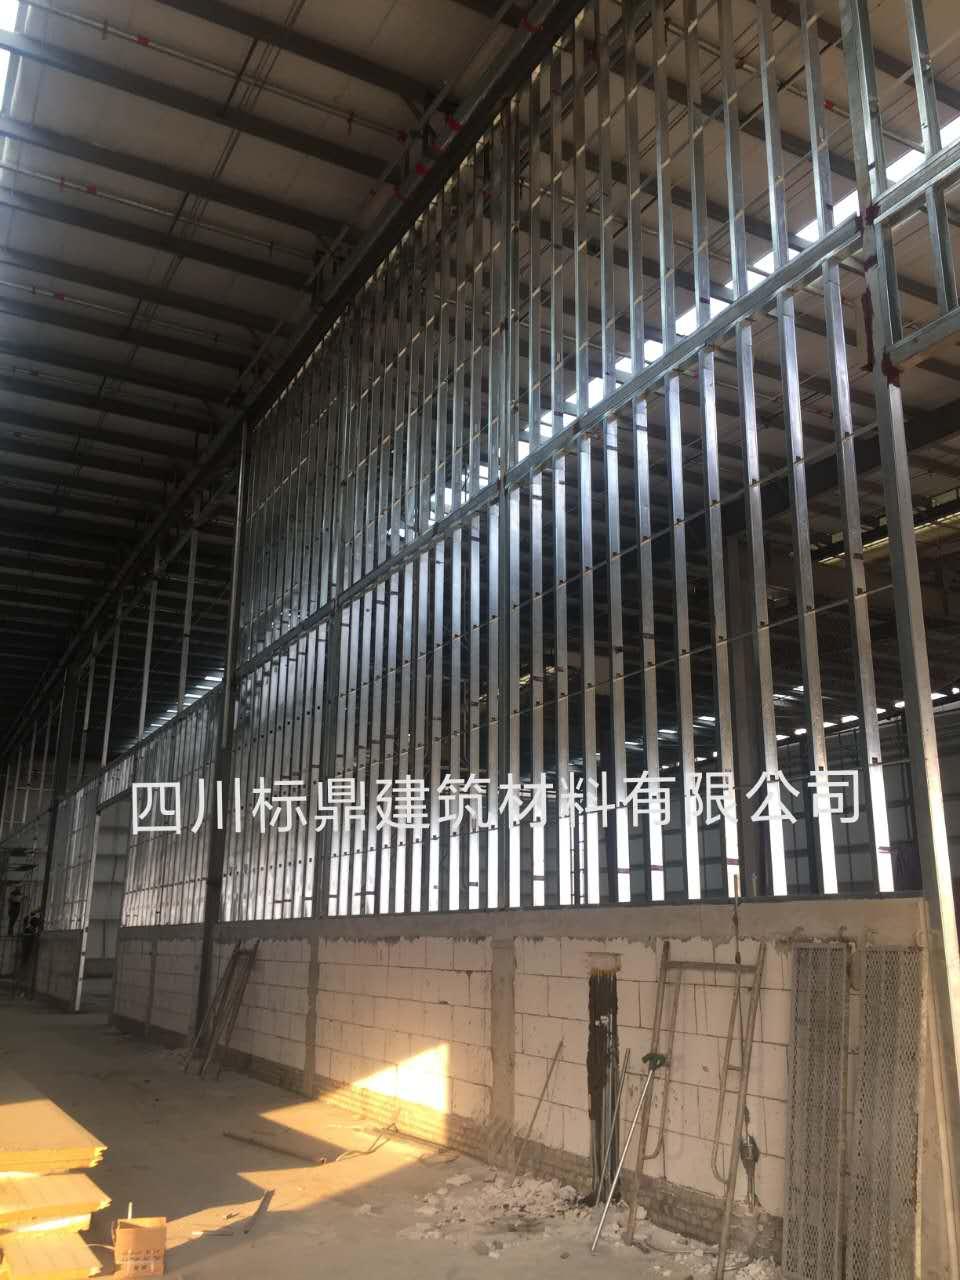 浙江嘉兴宝湾物流4小时轻质防火墙项目顺利开工